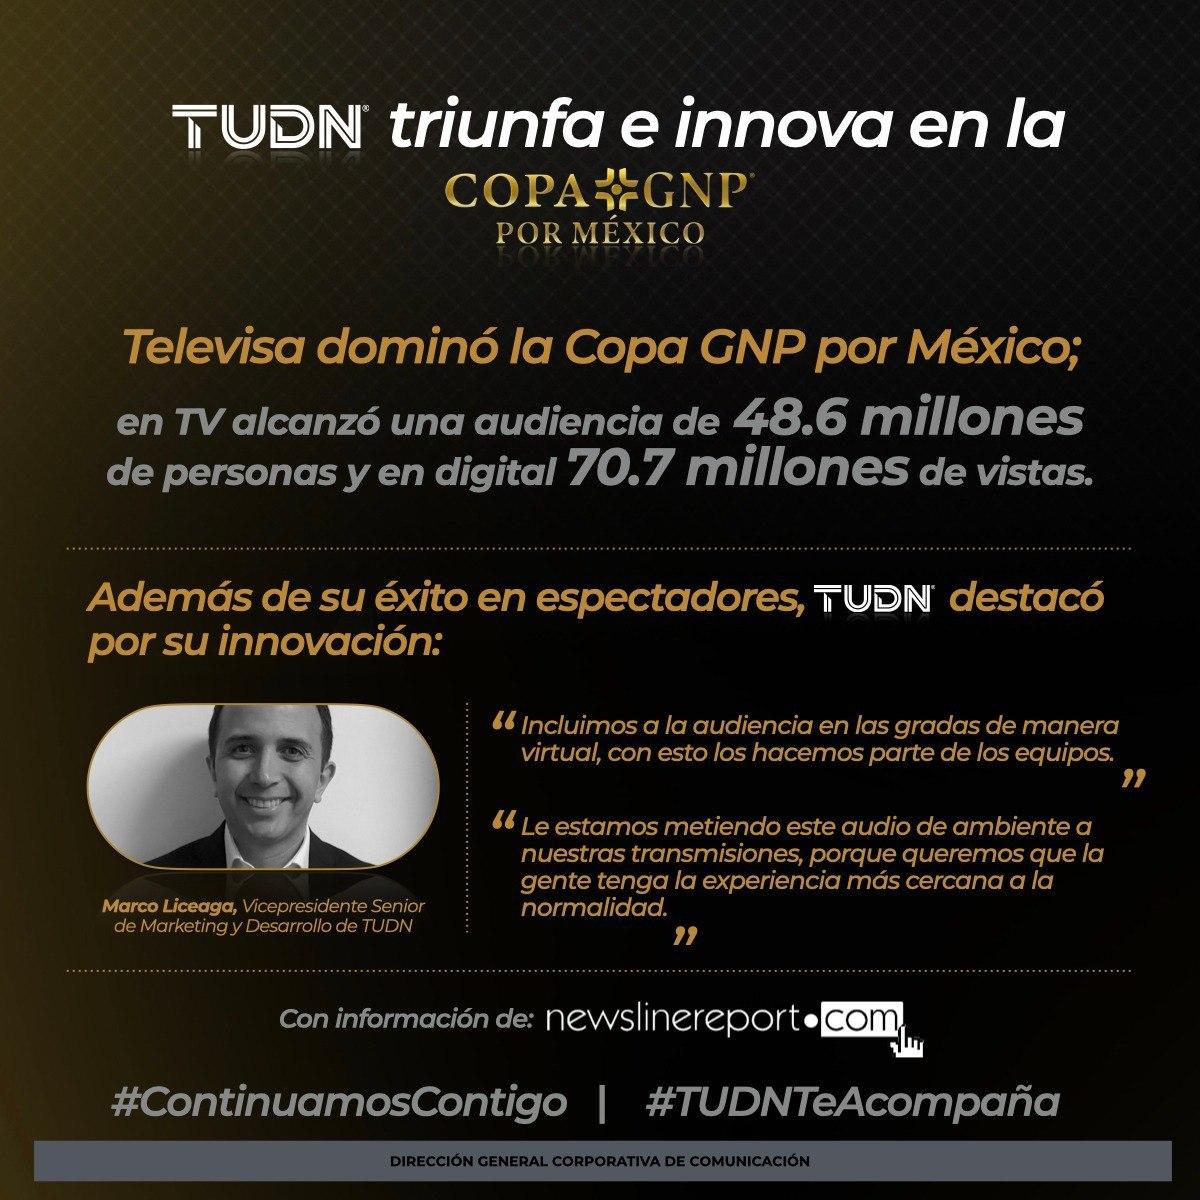 .@TUDNMEX triunfa e innova en la #CopaGNPporMéxico. 📺💻⚽️🏆 #ContinuamosContigo #TUDNTeAcompaña https://t.co/IRJE9twwGd